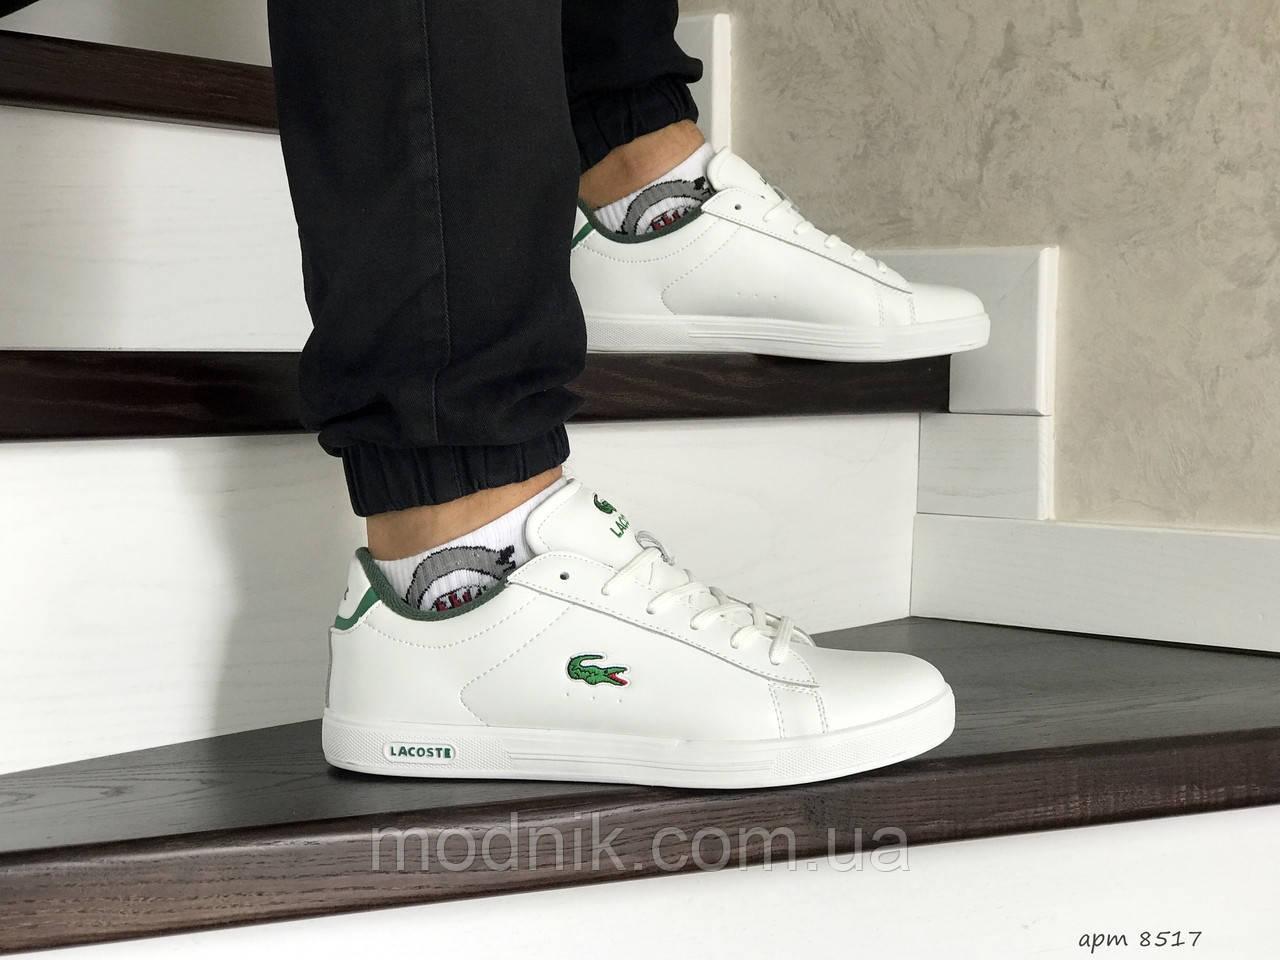 Мужские кроссовки Lacoste (бело-зеленые)